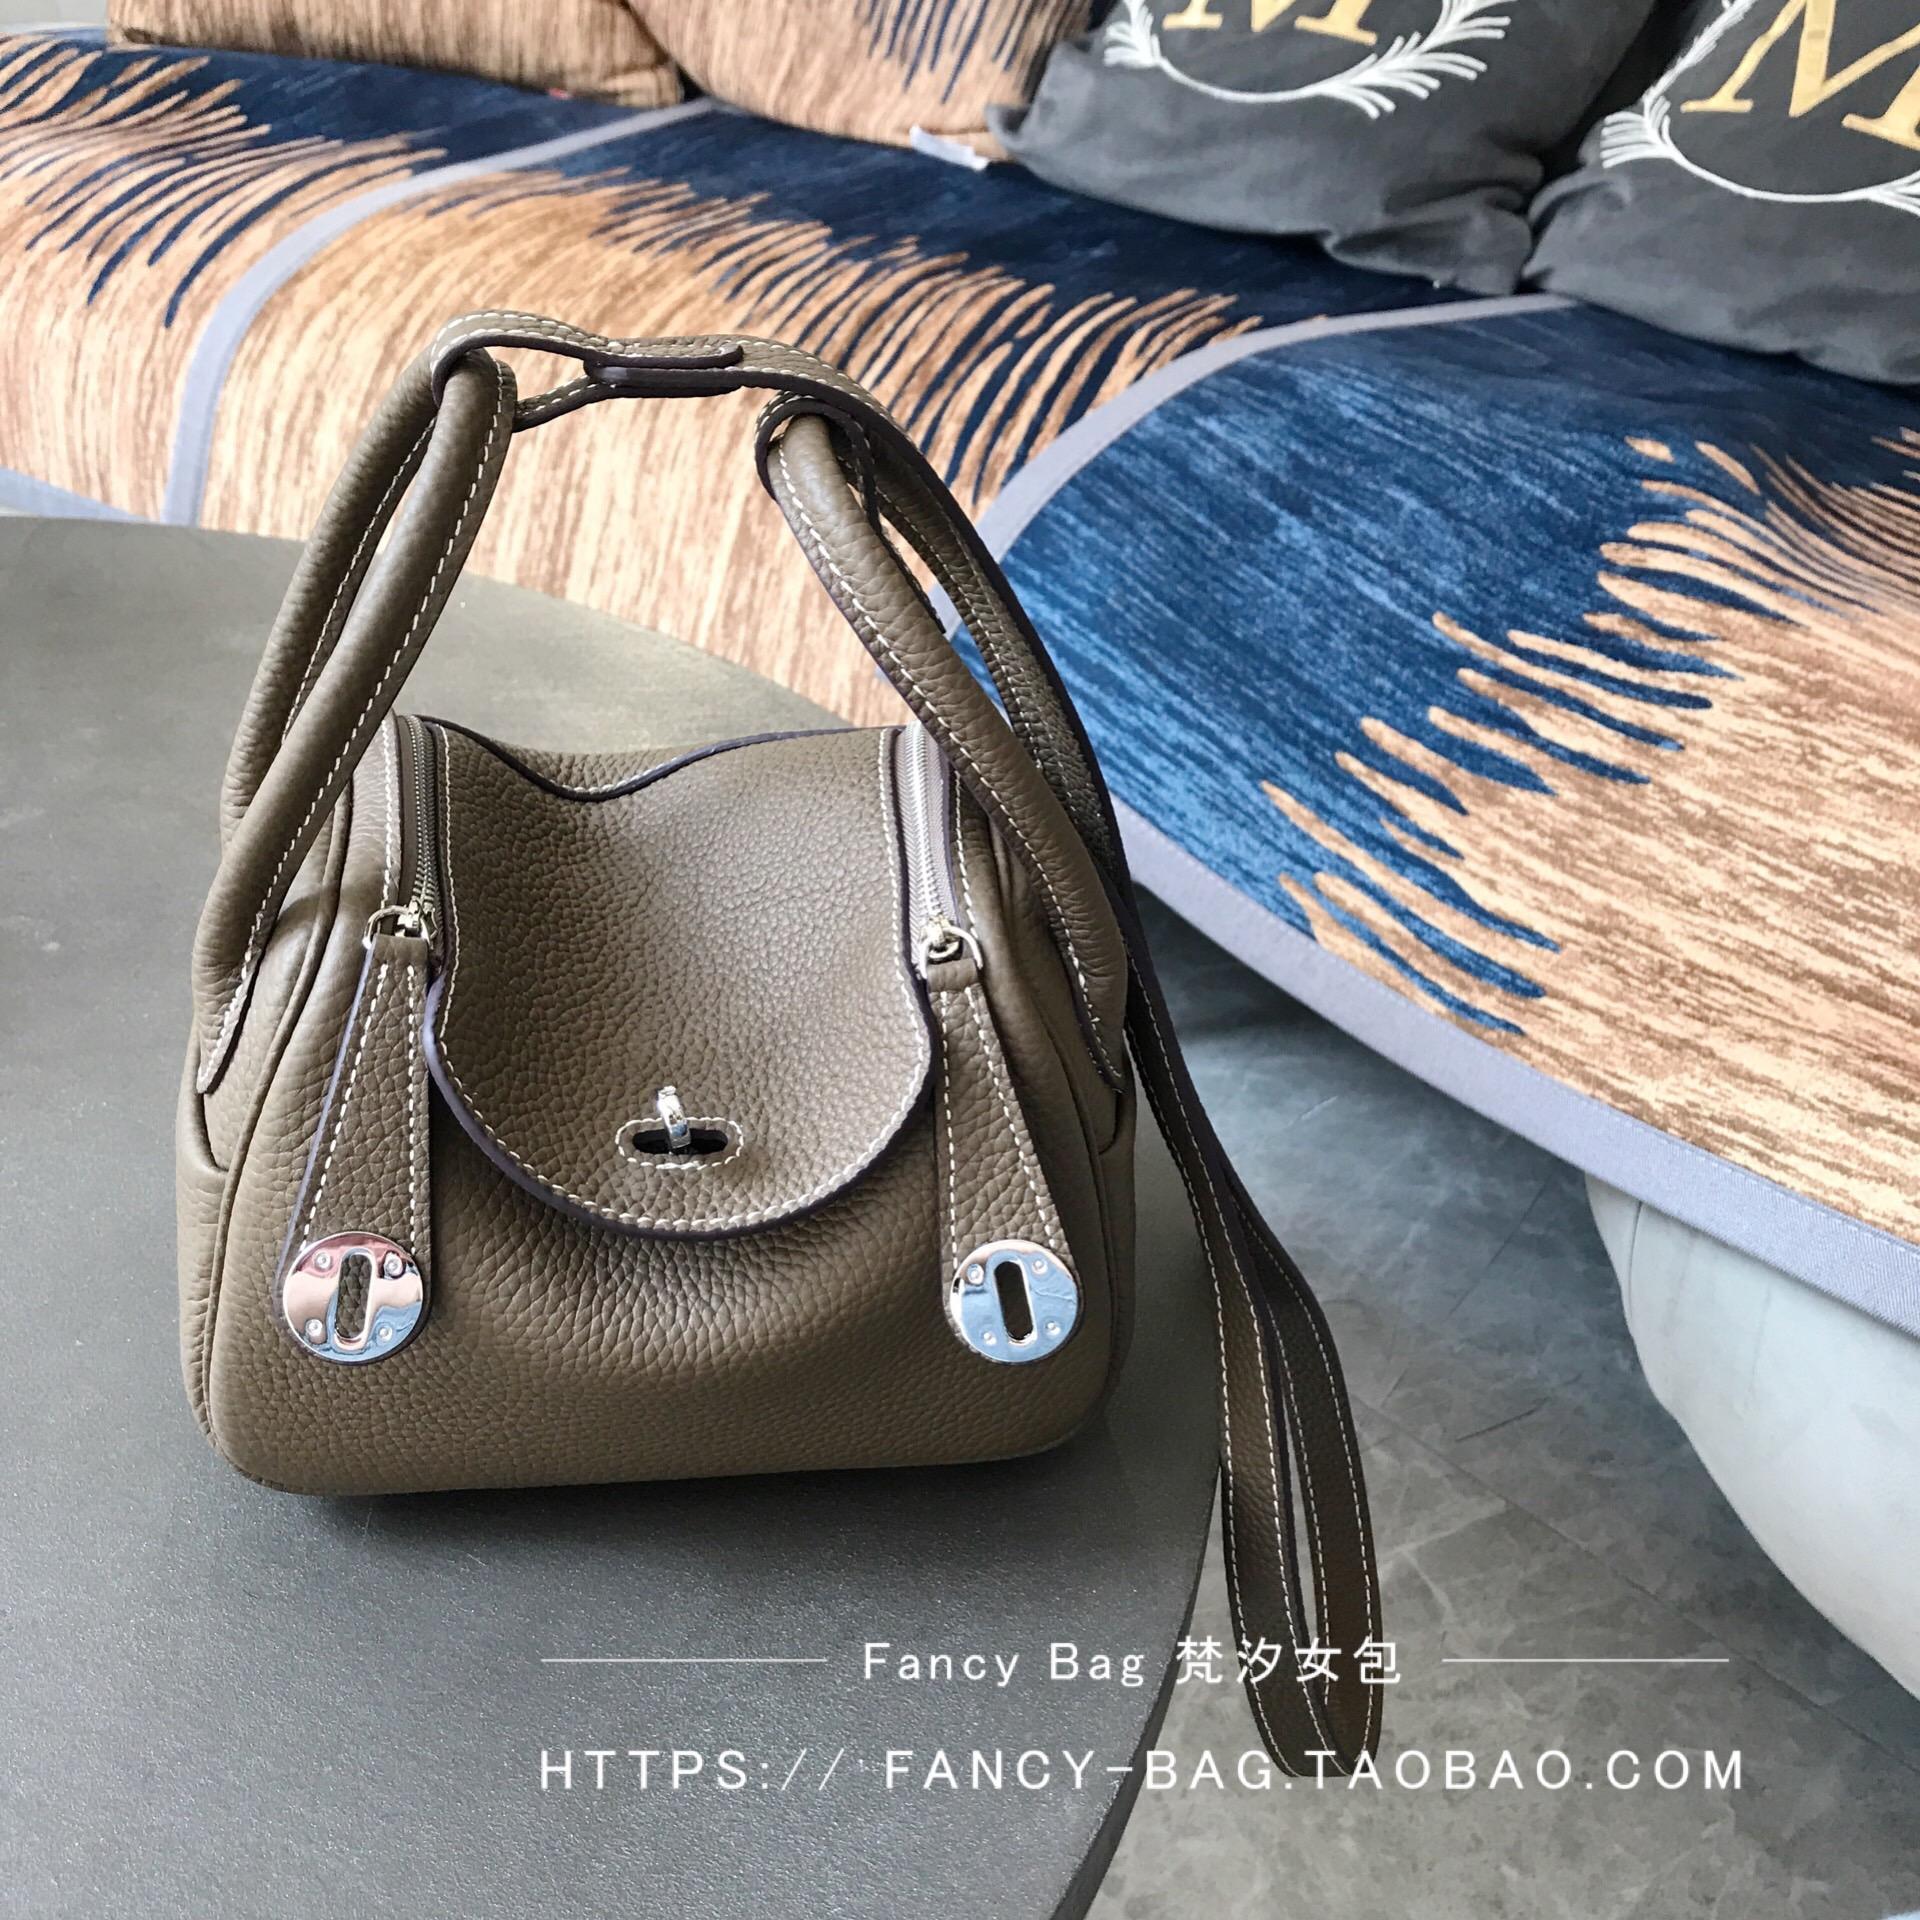 Mini Lindy bag platinum bag second generation doctor Kelly bag h home leather womens bag small CK Single Shoulder Messenger Bag